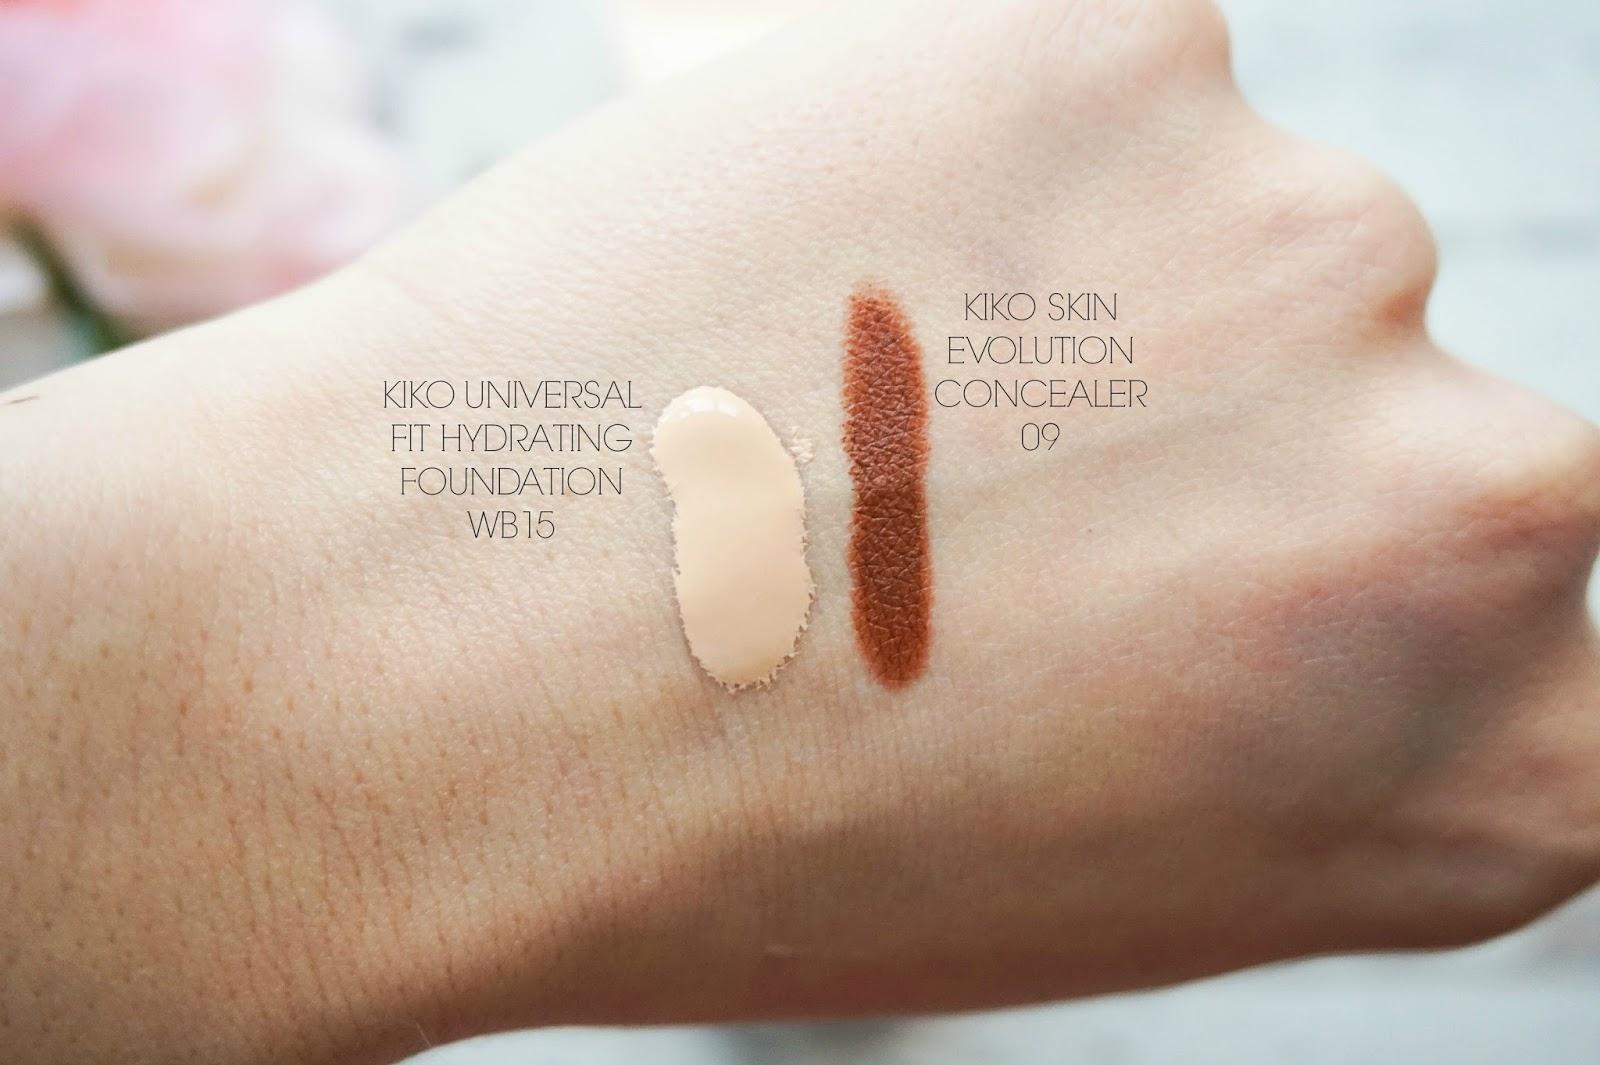 KIKO Universal Fit Hydration Concealer, Skin Evolution Concealer